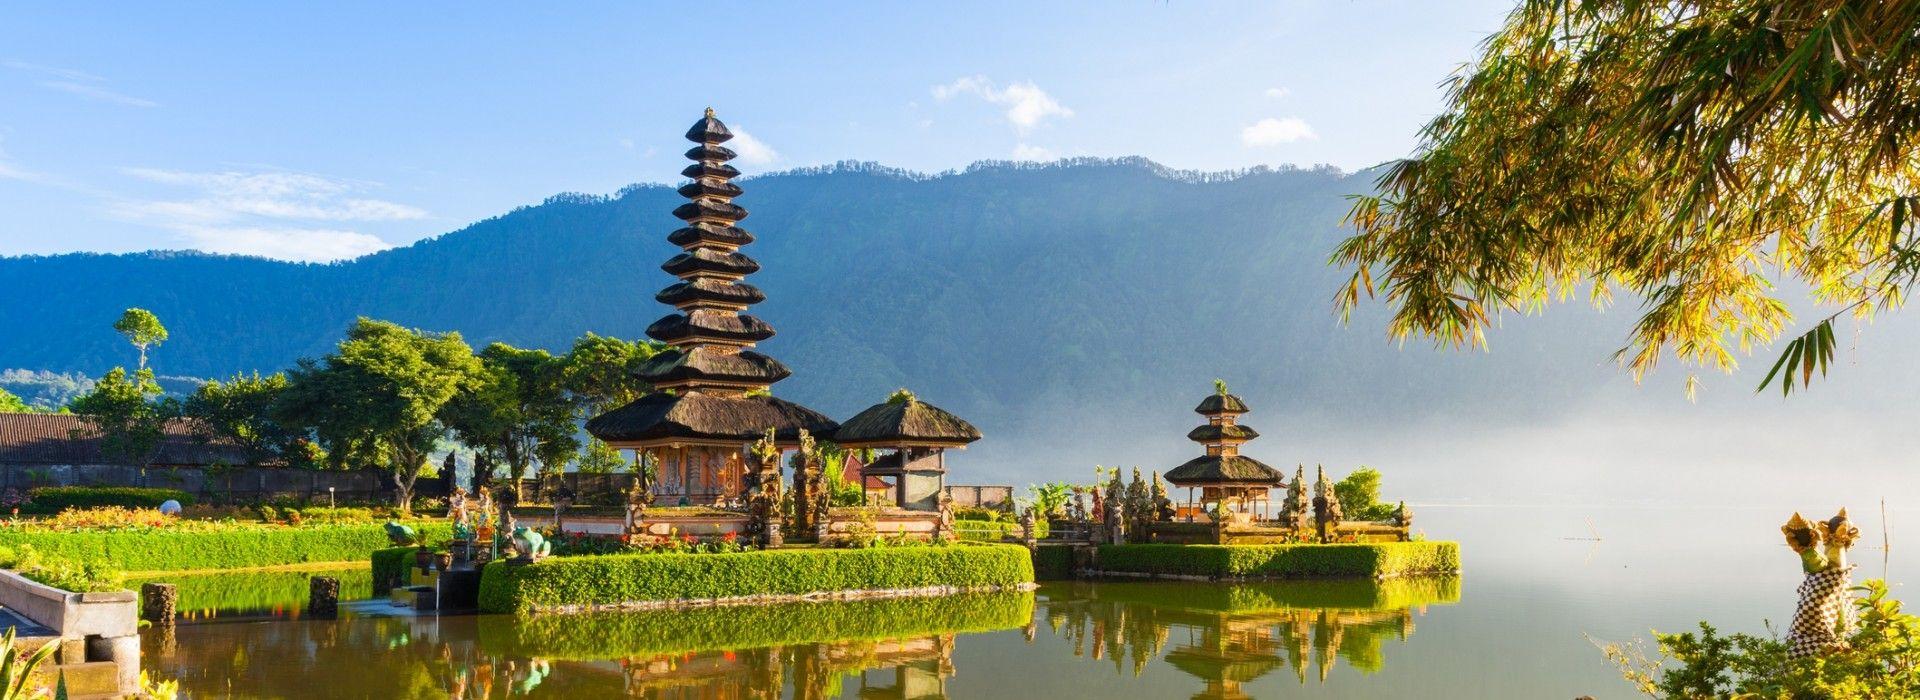 Natural landmarks sightseeing Tours in Bali